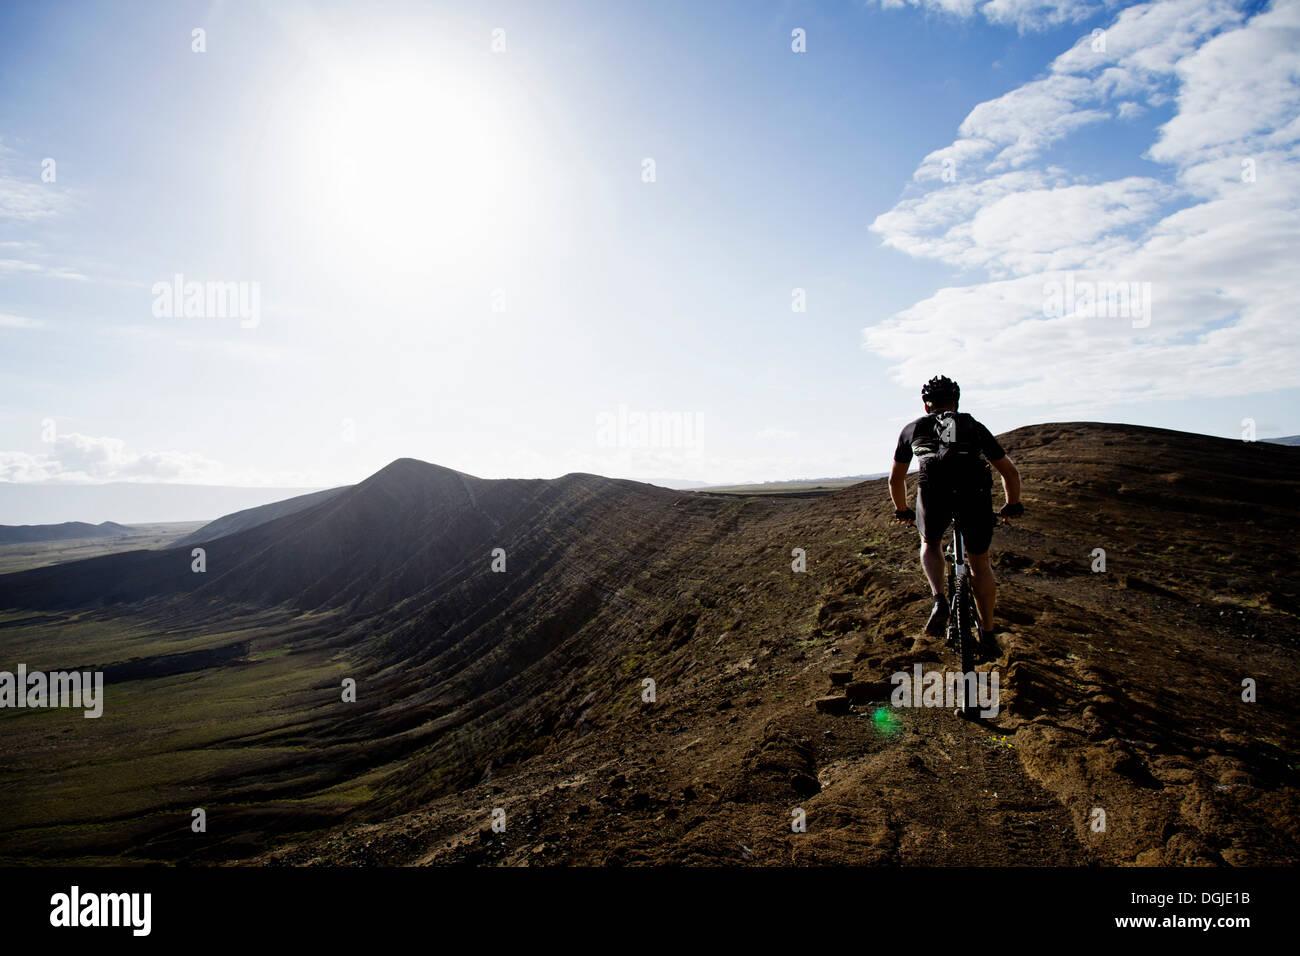 L'uomo mountain bike, Caldera del Cuchillo, Lanzarote Immagini Stock